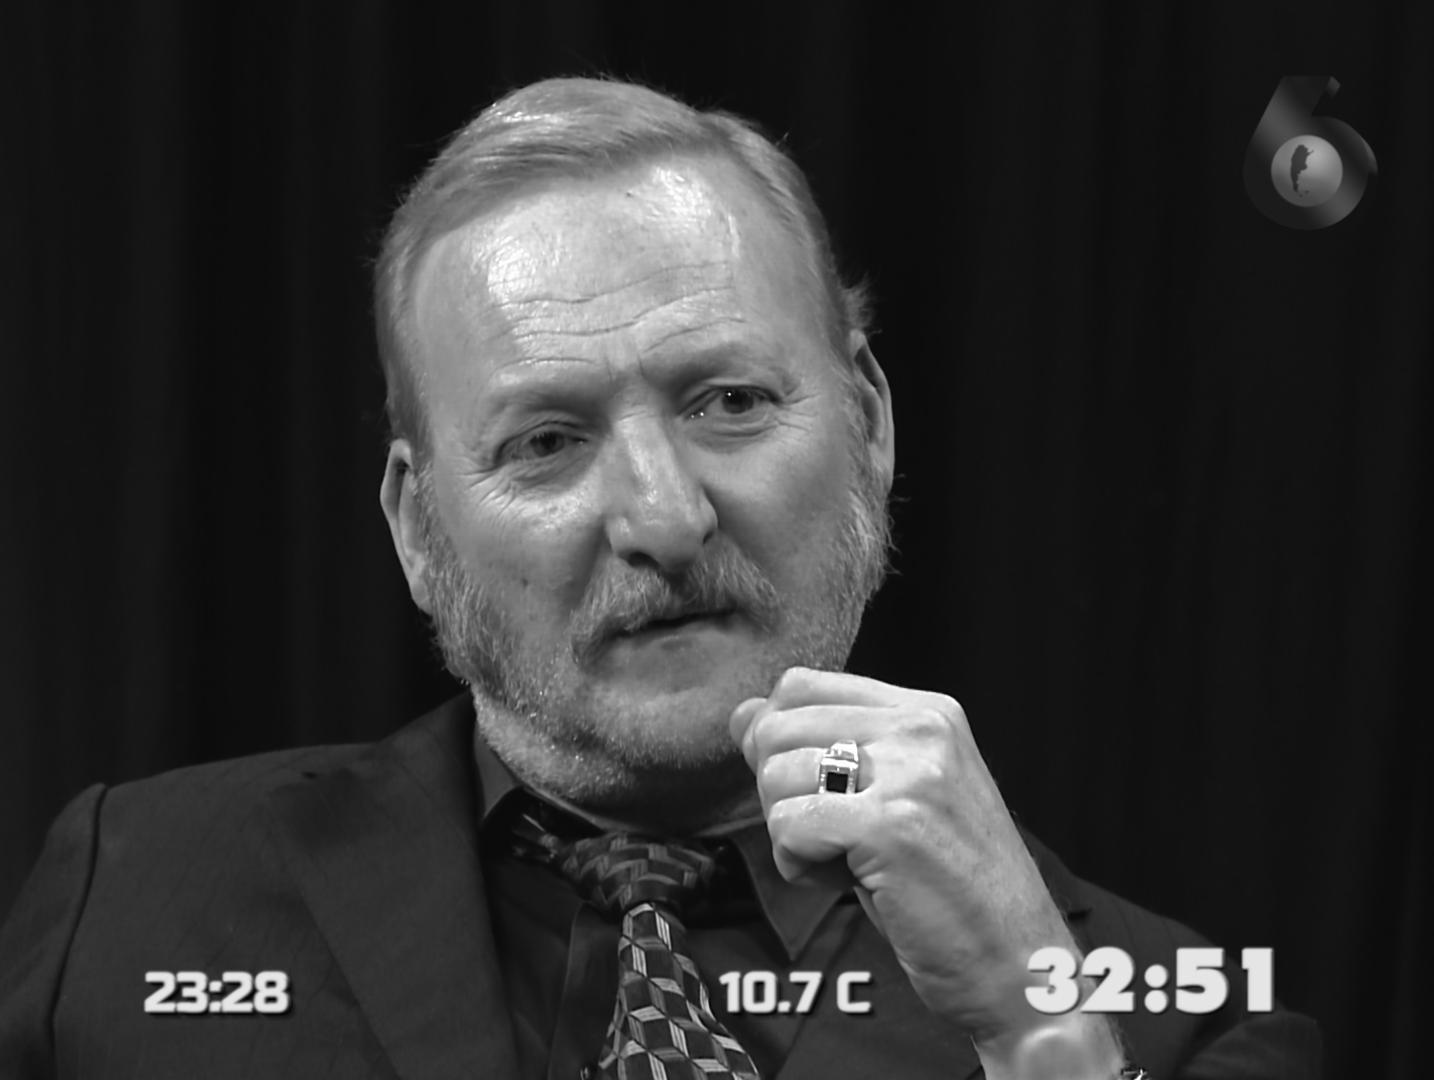 Cena do filme História do Oculto. Nela, vemos um homem idoso, branco e de barba grisalha. A imagem é um close de seu busto, e está em preto-e-branco. Ele veste um terno e usa um anel no dedo anelar esquerdo. Na parte de baixo da imagem vemos informações escritas: 23:28, 10.7c e 32:51